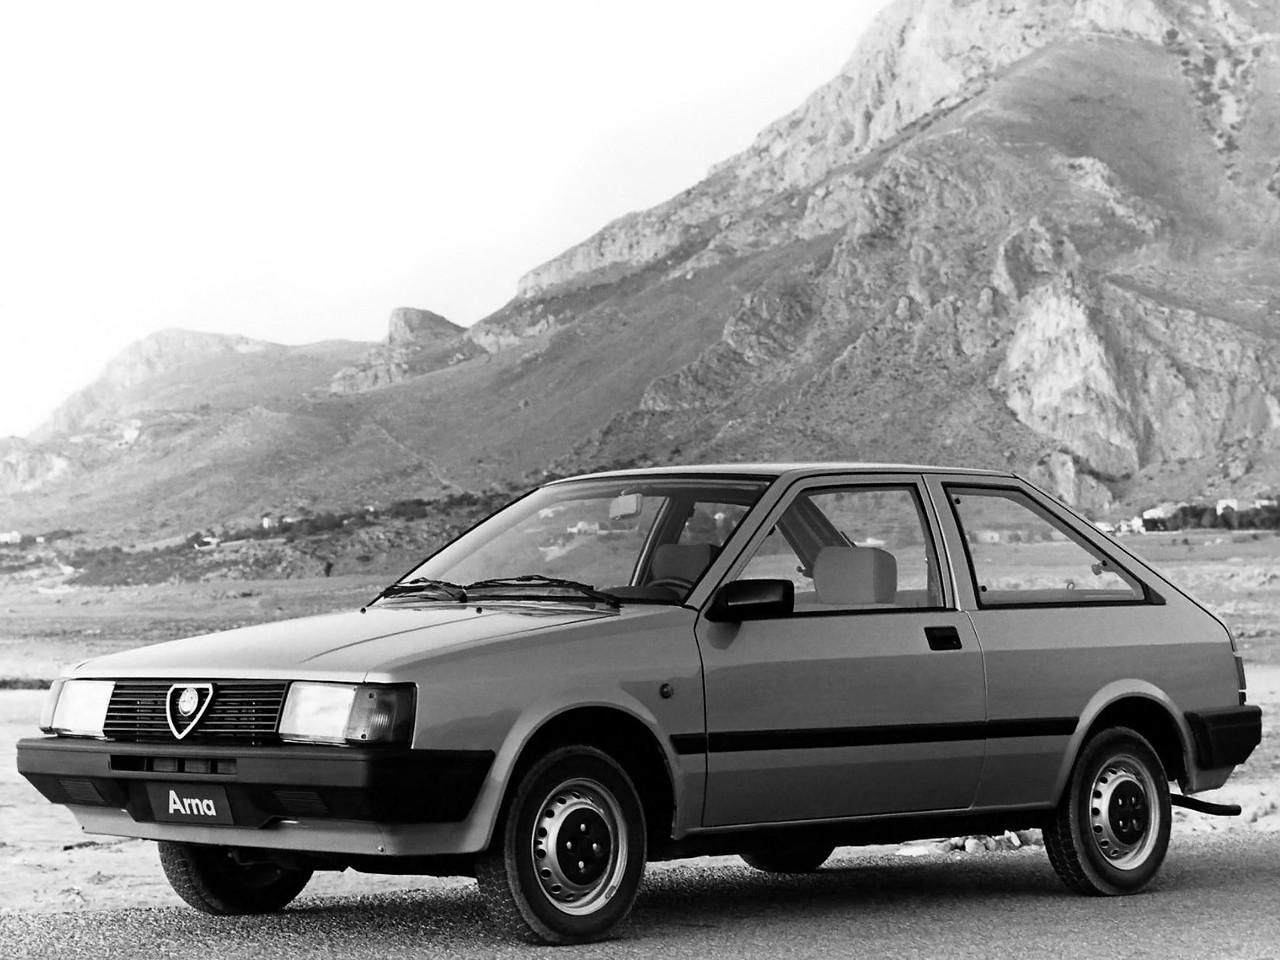 Alfa Romeo Arna 1983 - 1987 Hatchback 5 door #2